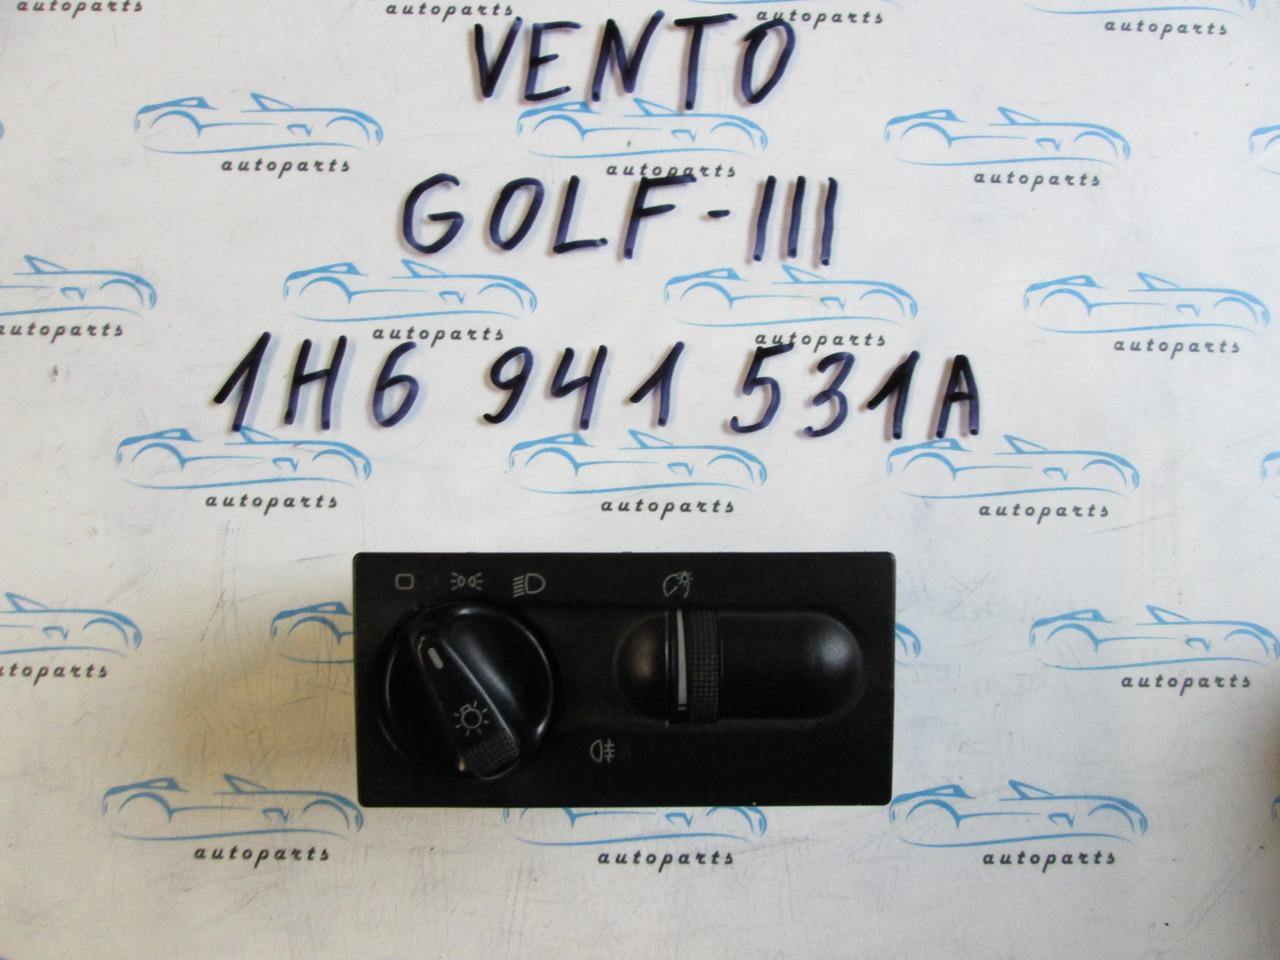 Переключатель света Golf 3, Vento 1H6941531A